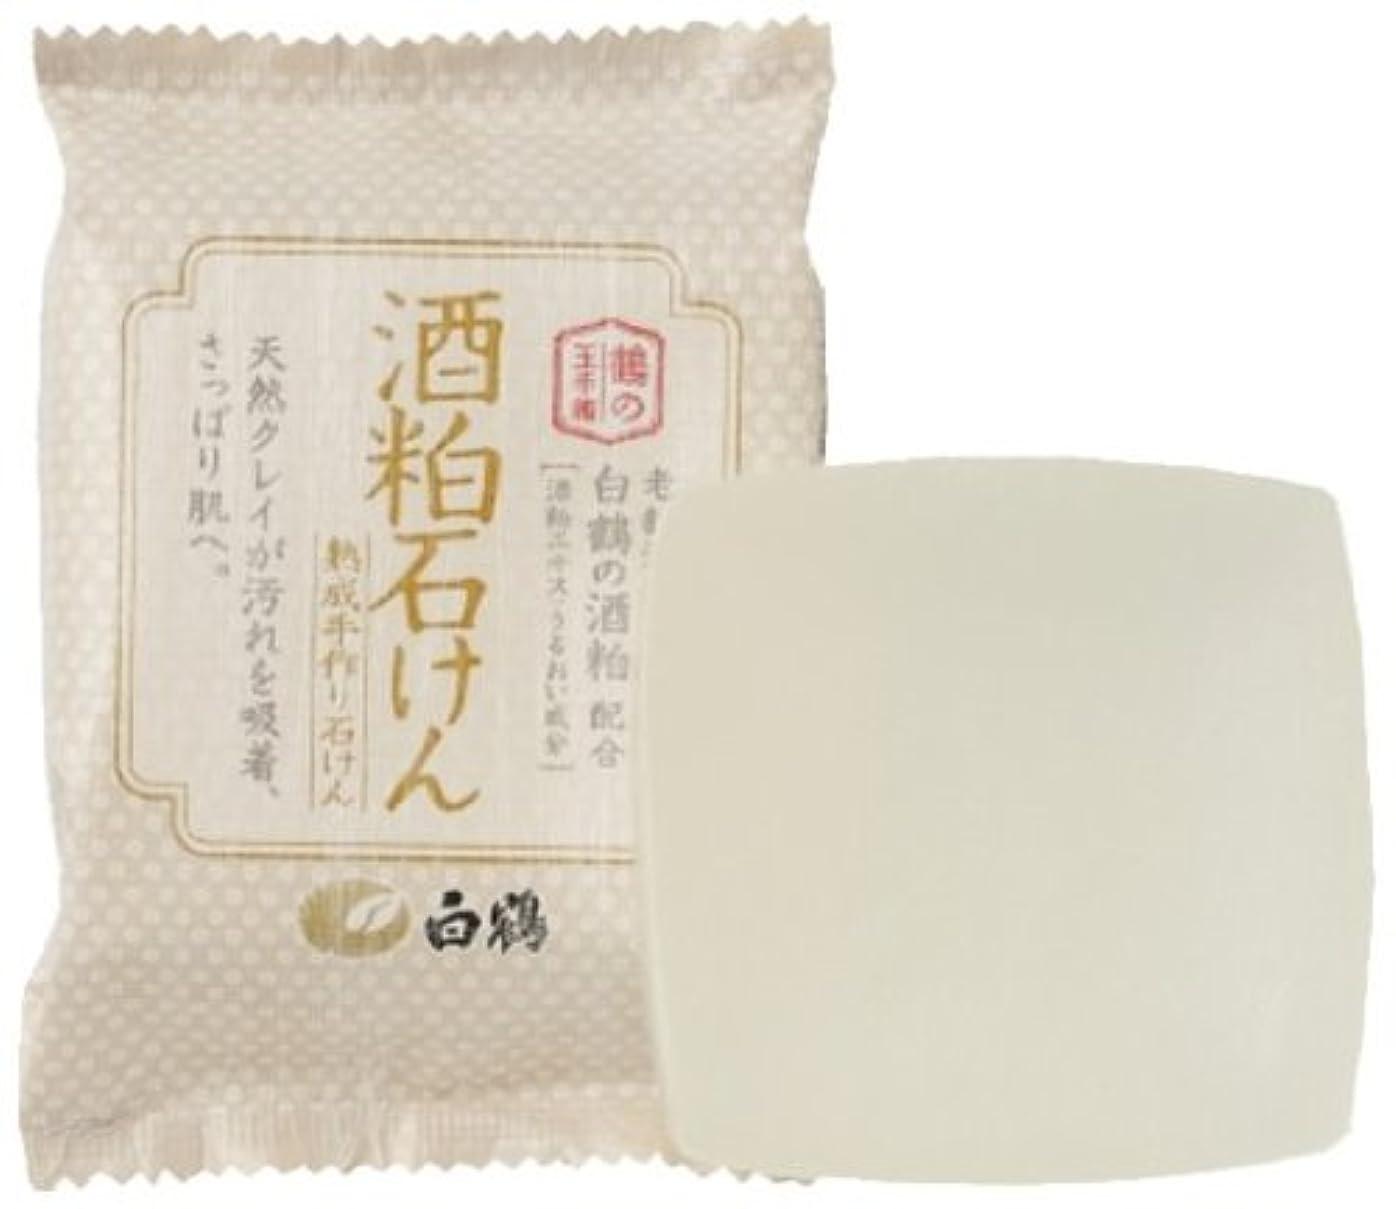 明らかたくさんの汚す白鶴 鶴の玉手箱 酒粕石けん 100g (全身用石鹸)